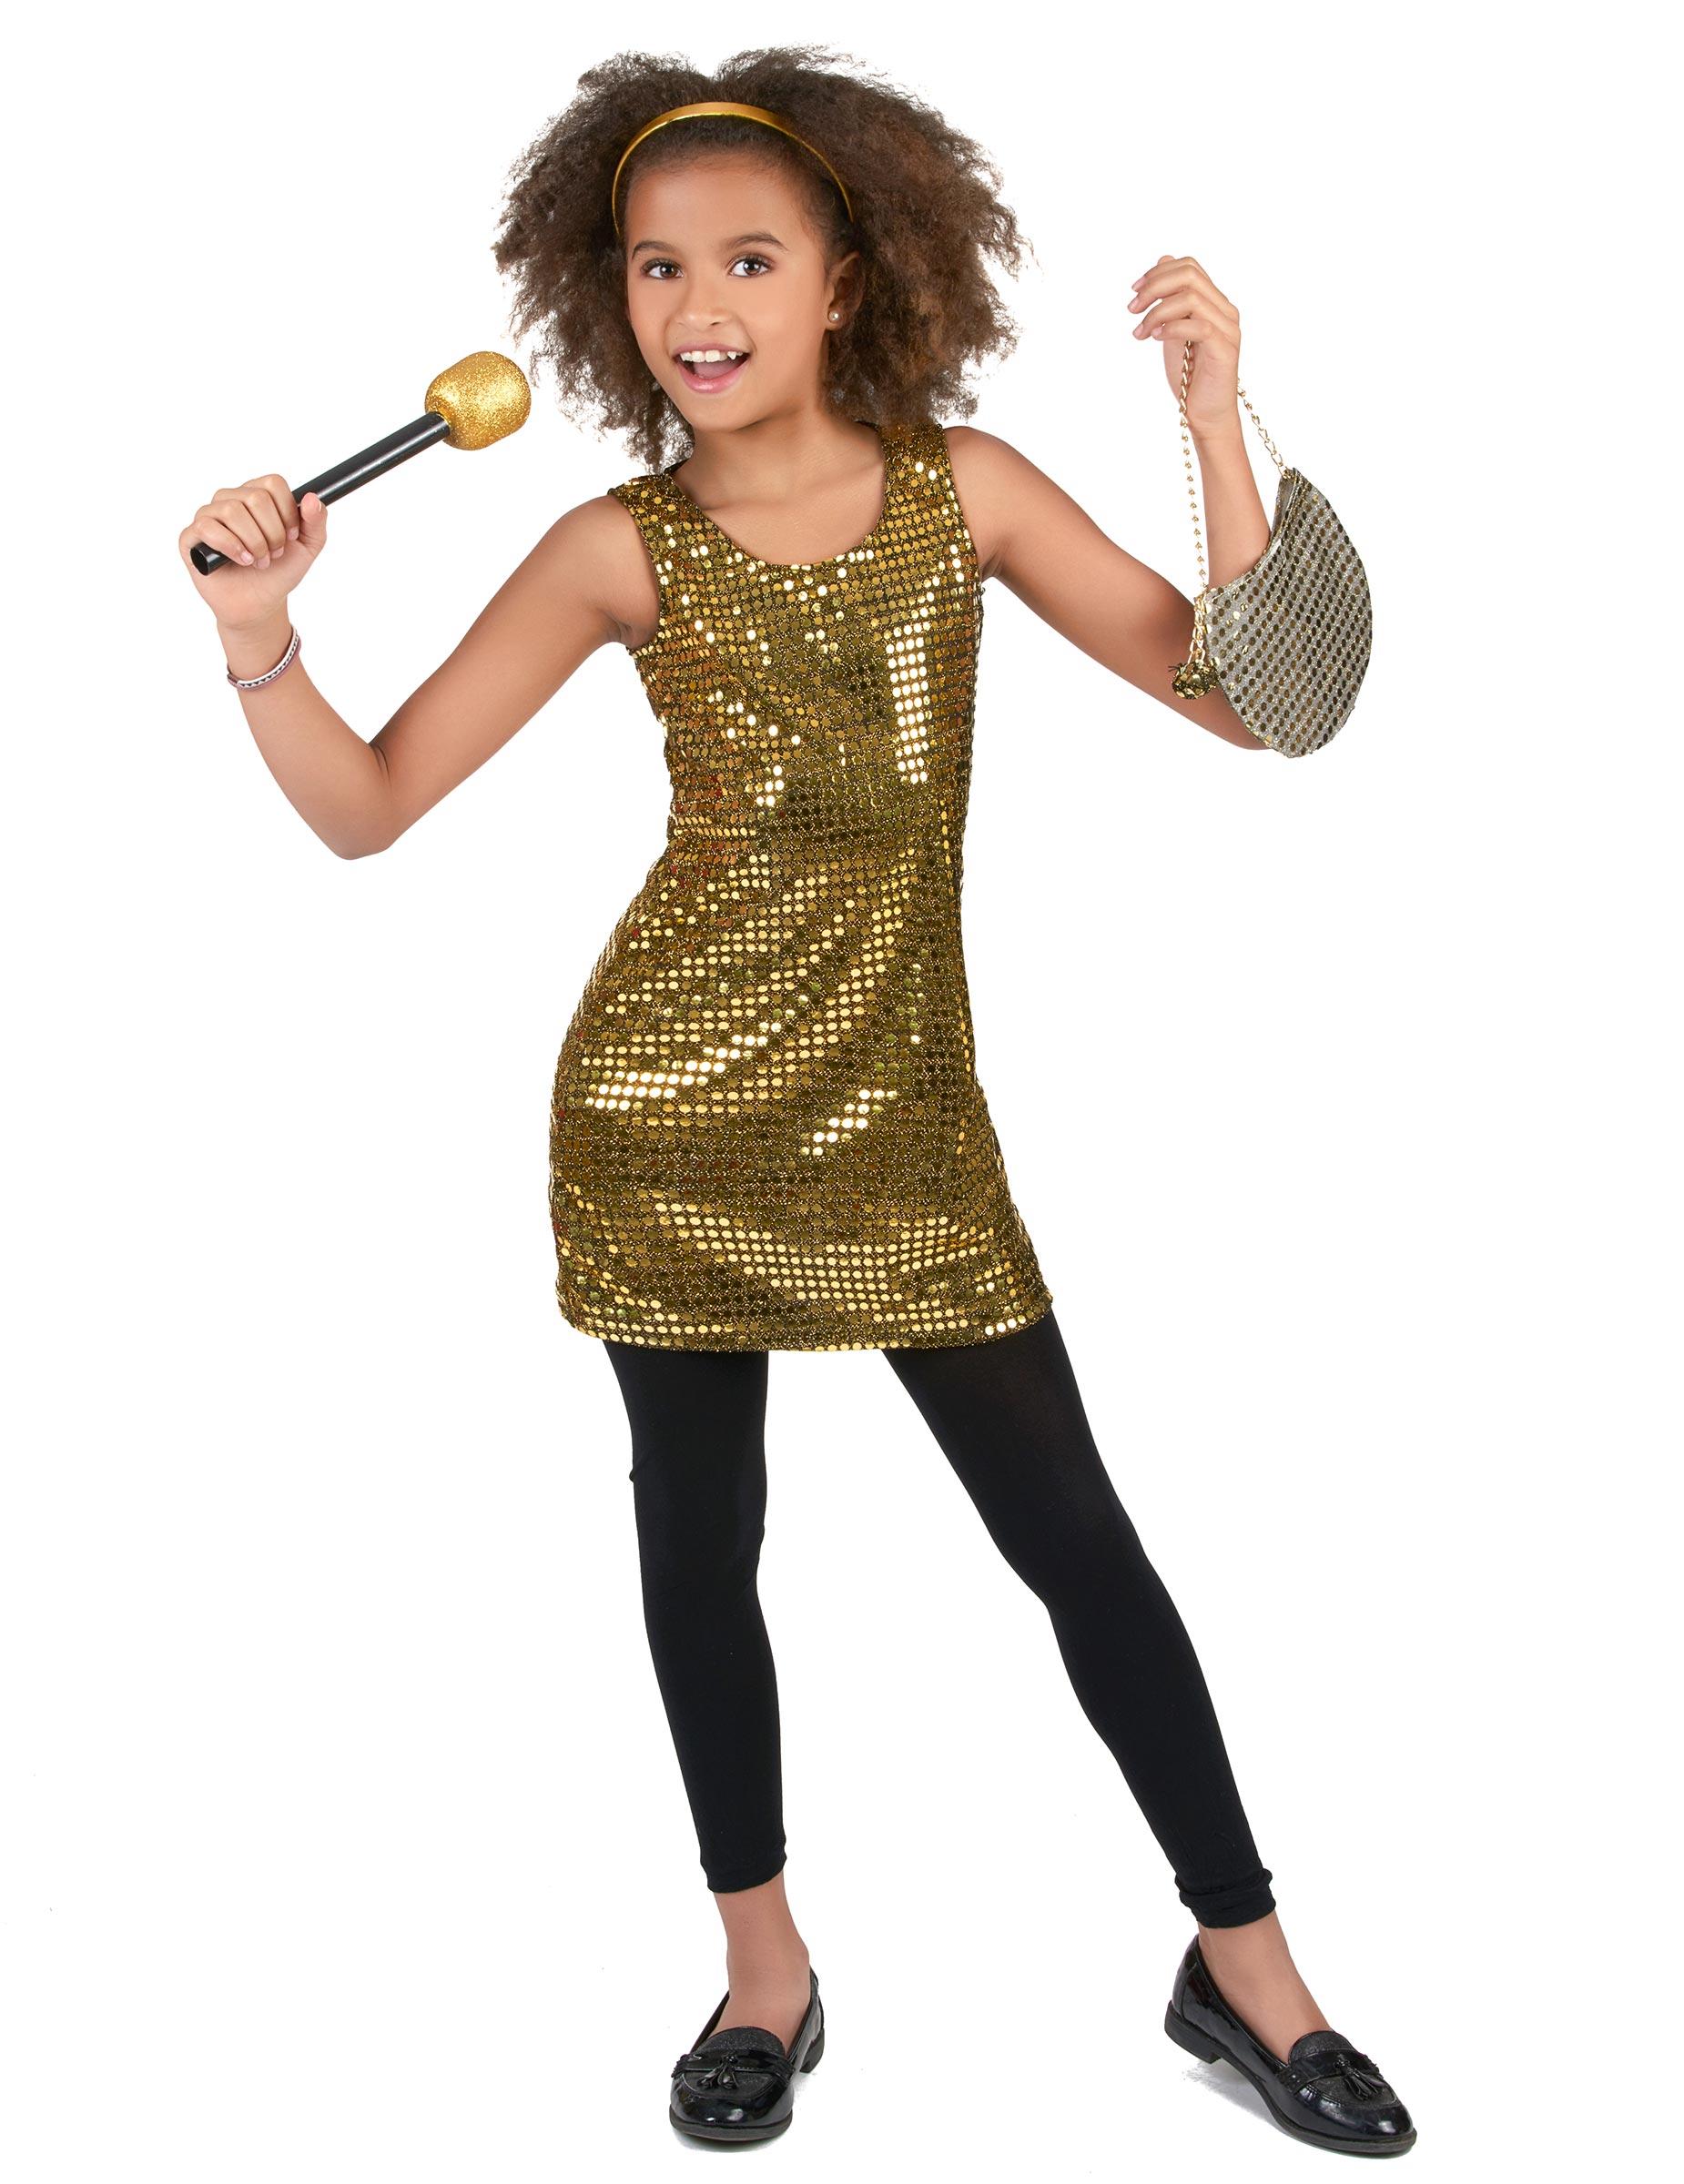 *70er-Jahre Disco Kostüm für Mädchen Pailletten gold*